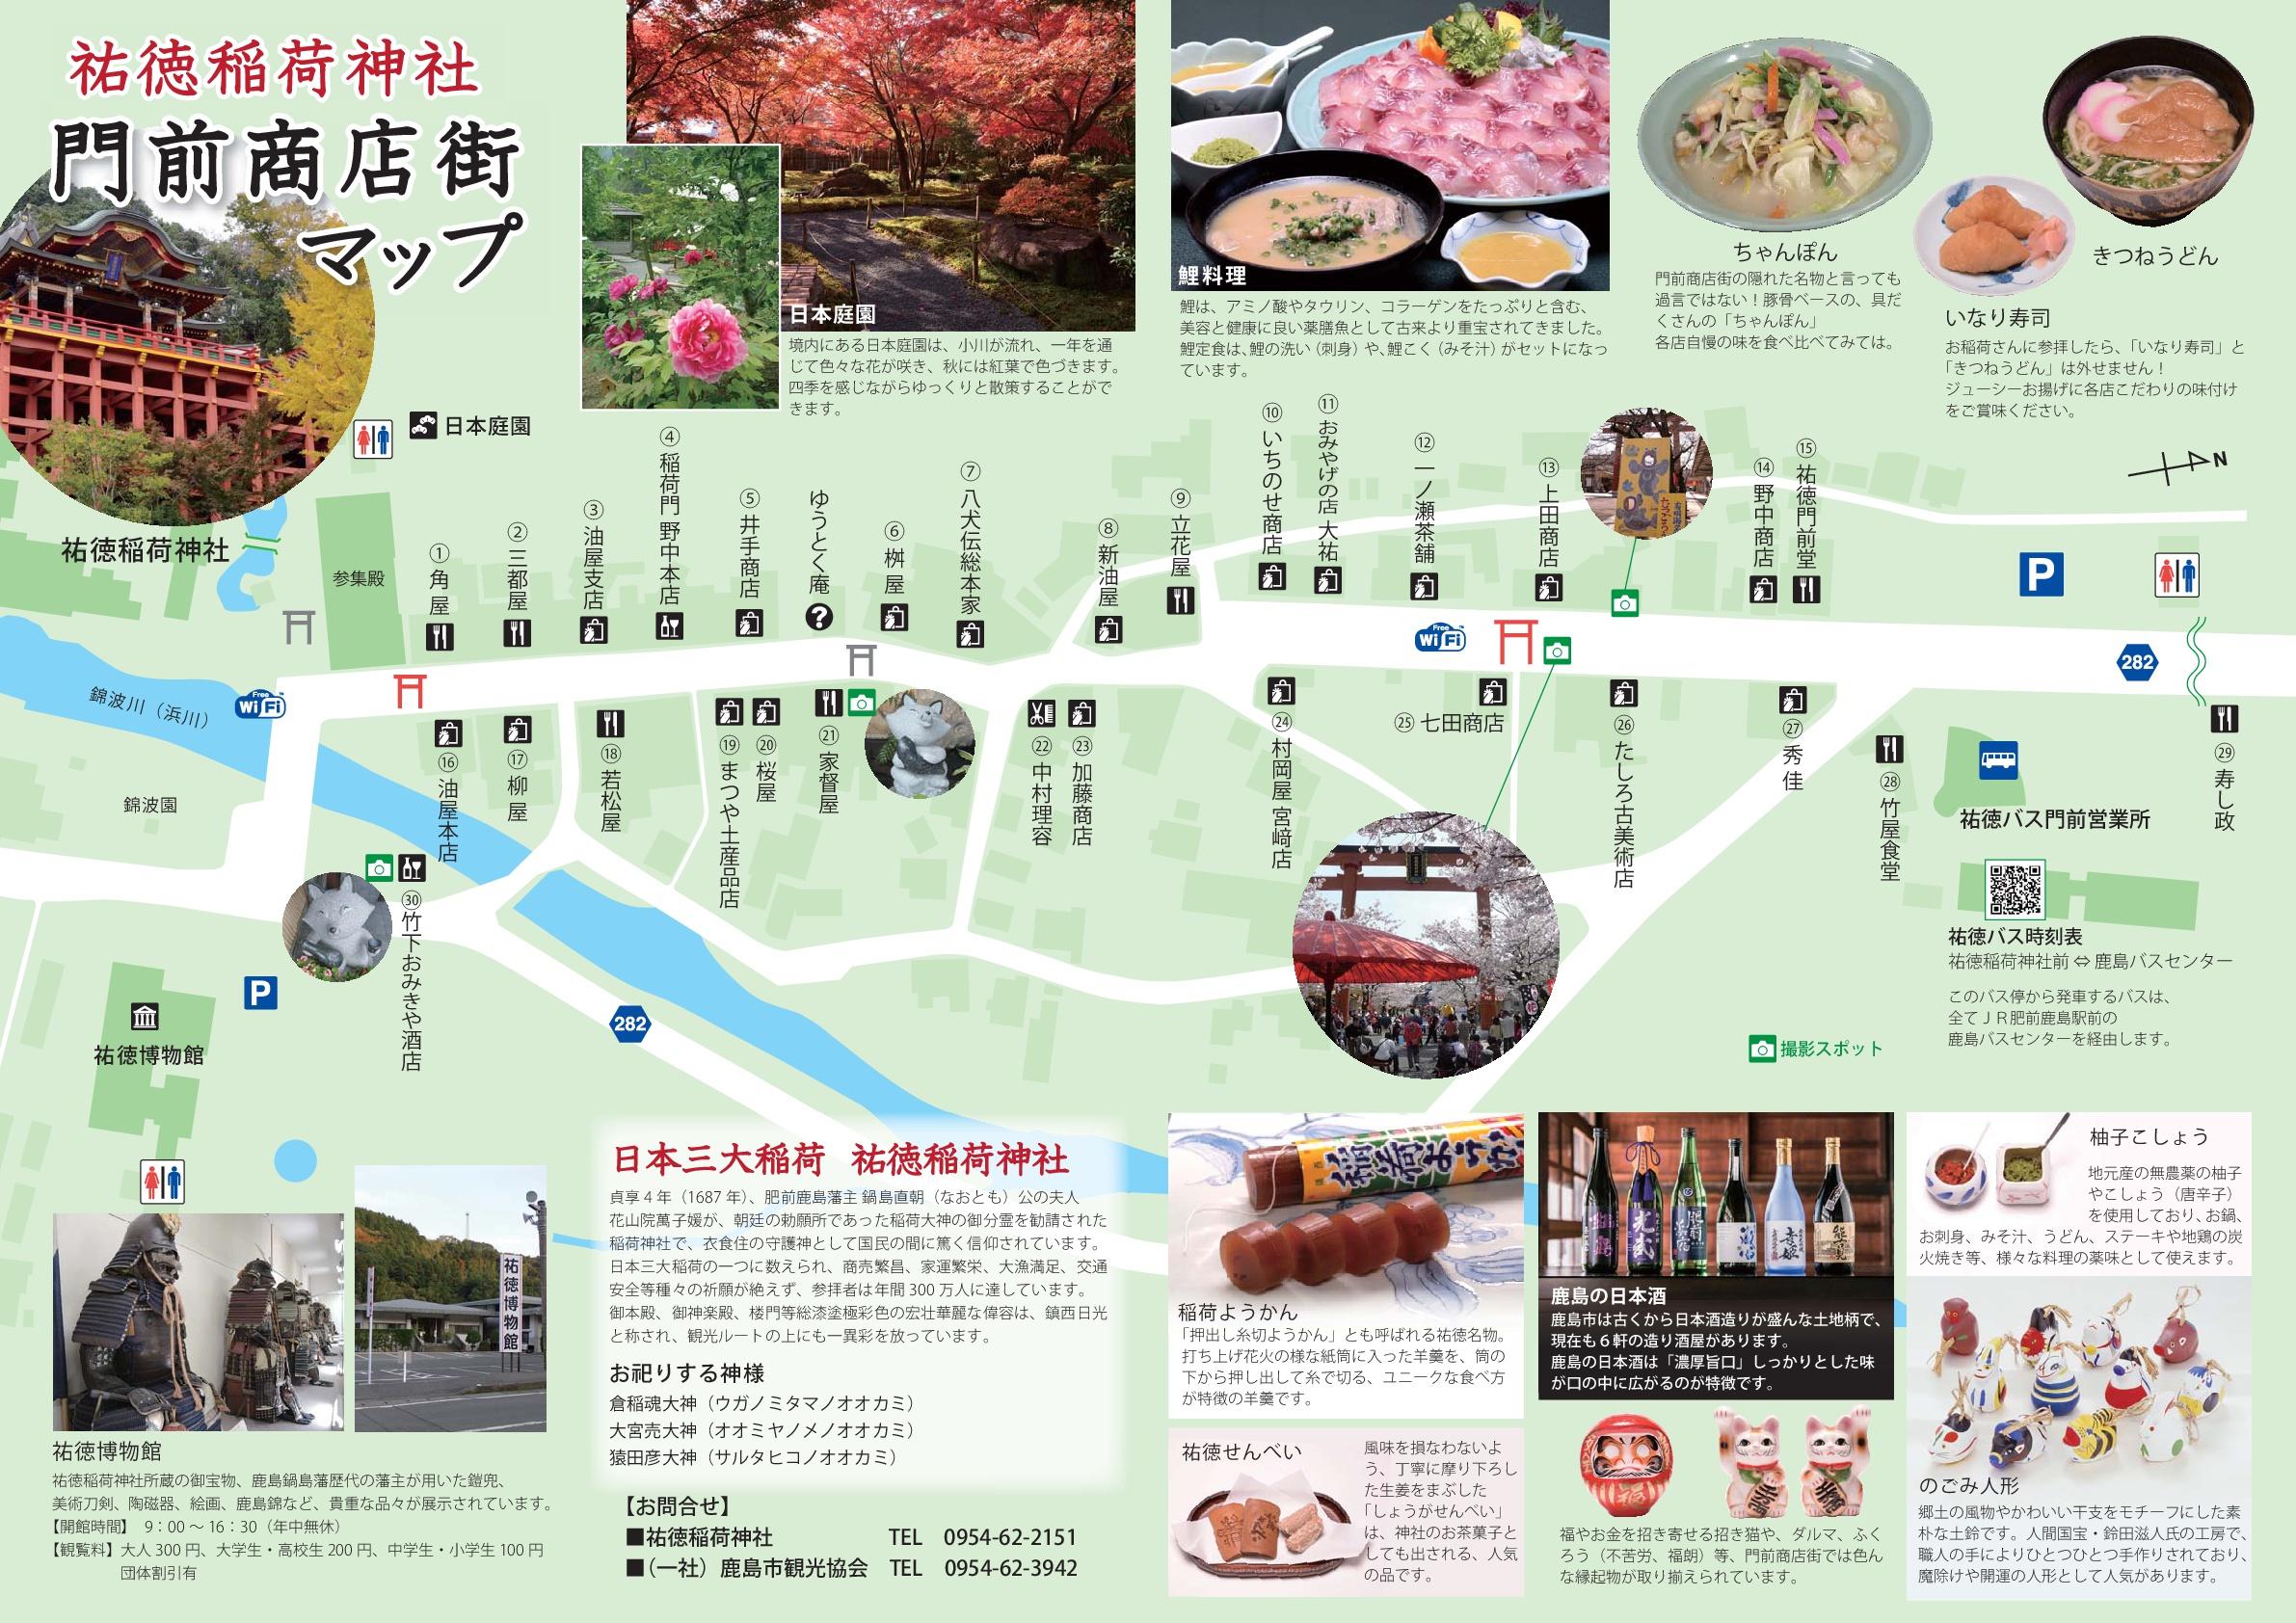 祐徳稲荷神社門前商店街マップ